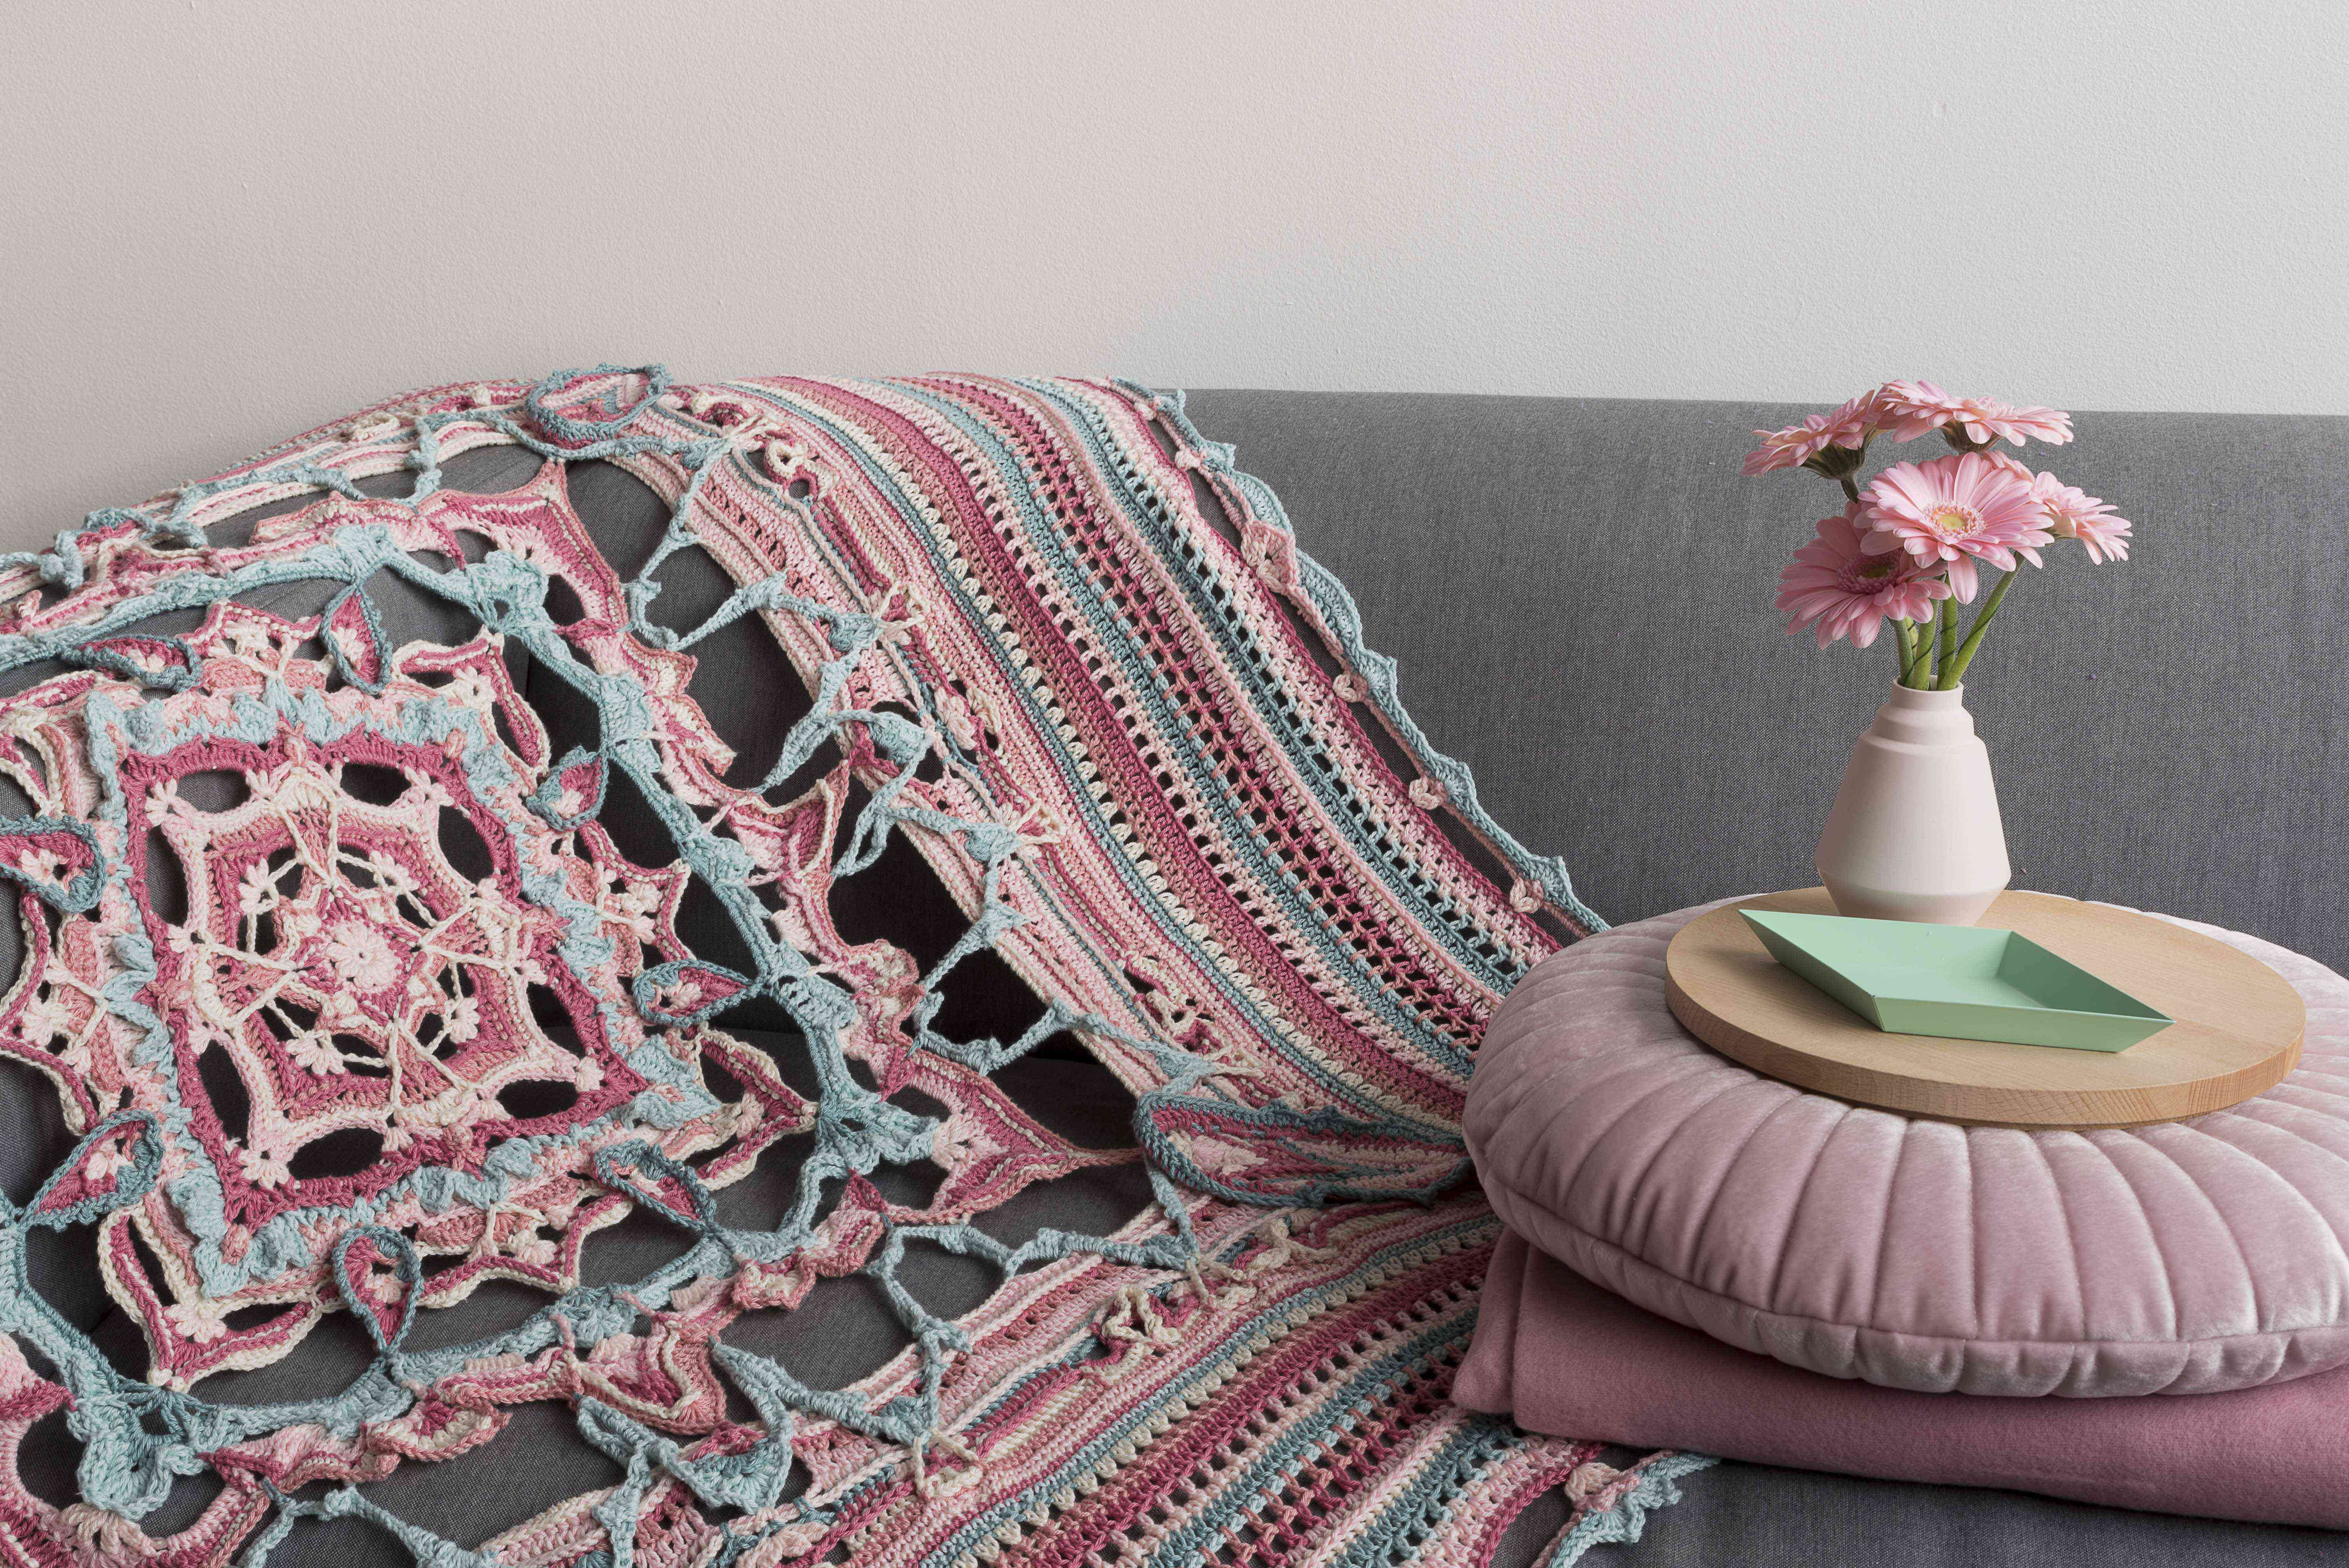 Advanced Crochet Blanket Free Pattern